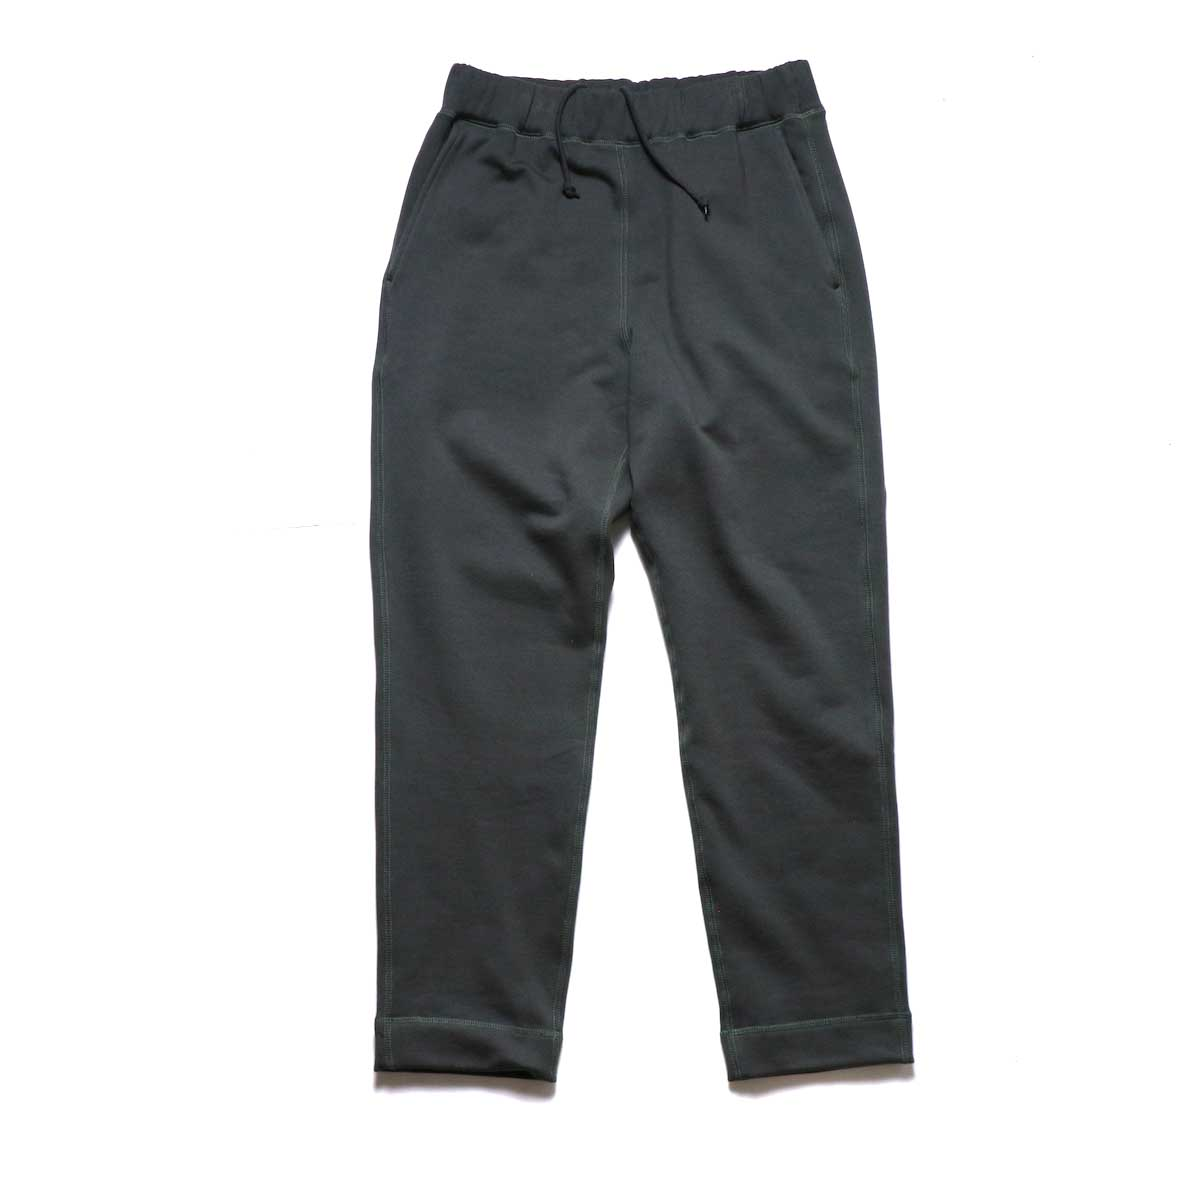 N.HOOLYWOOD / 27RCH-013 Track Pants (Charcoala)